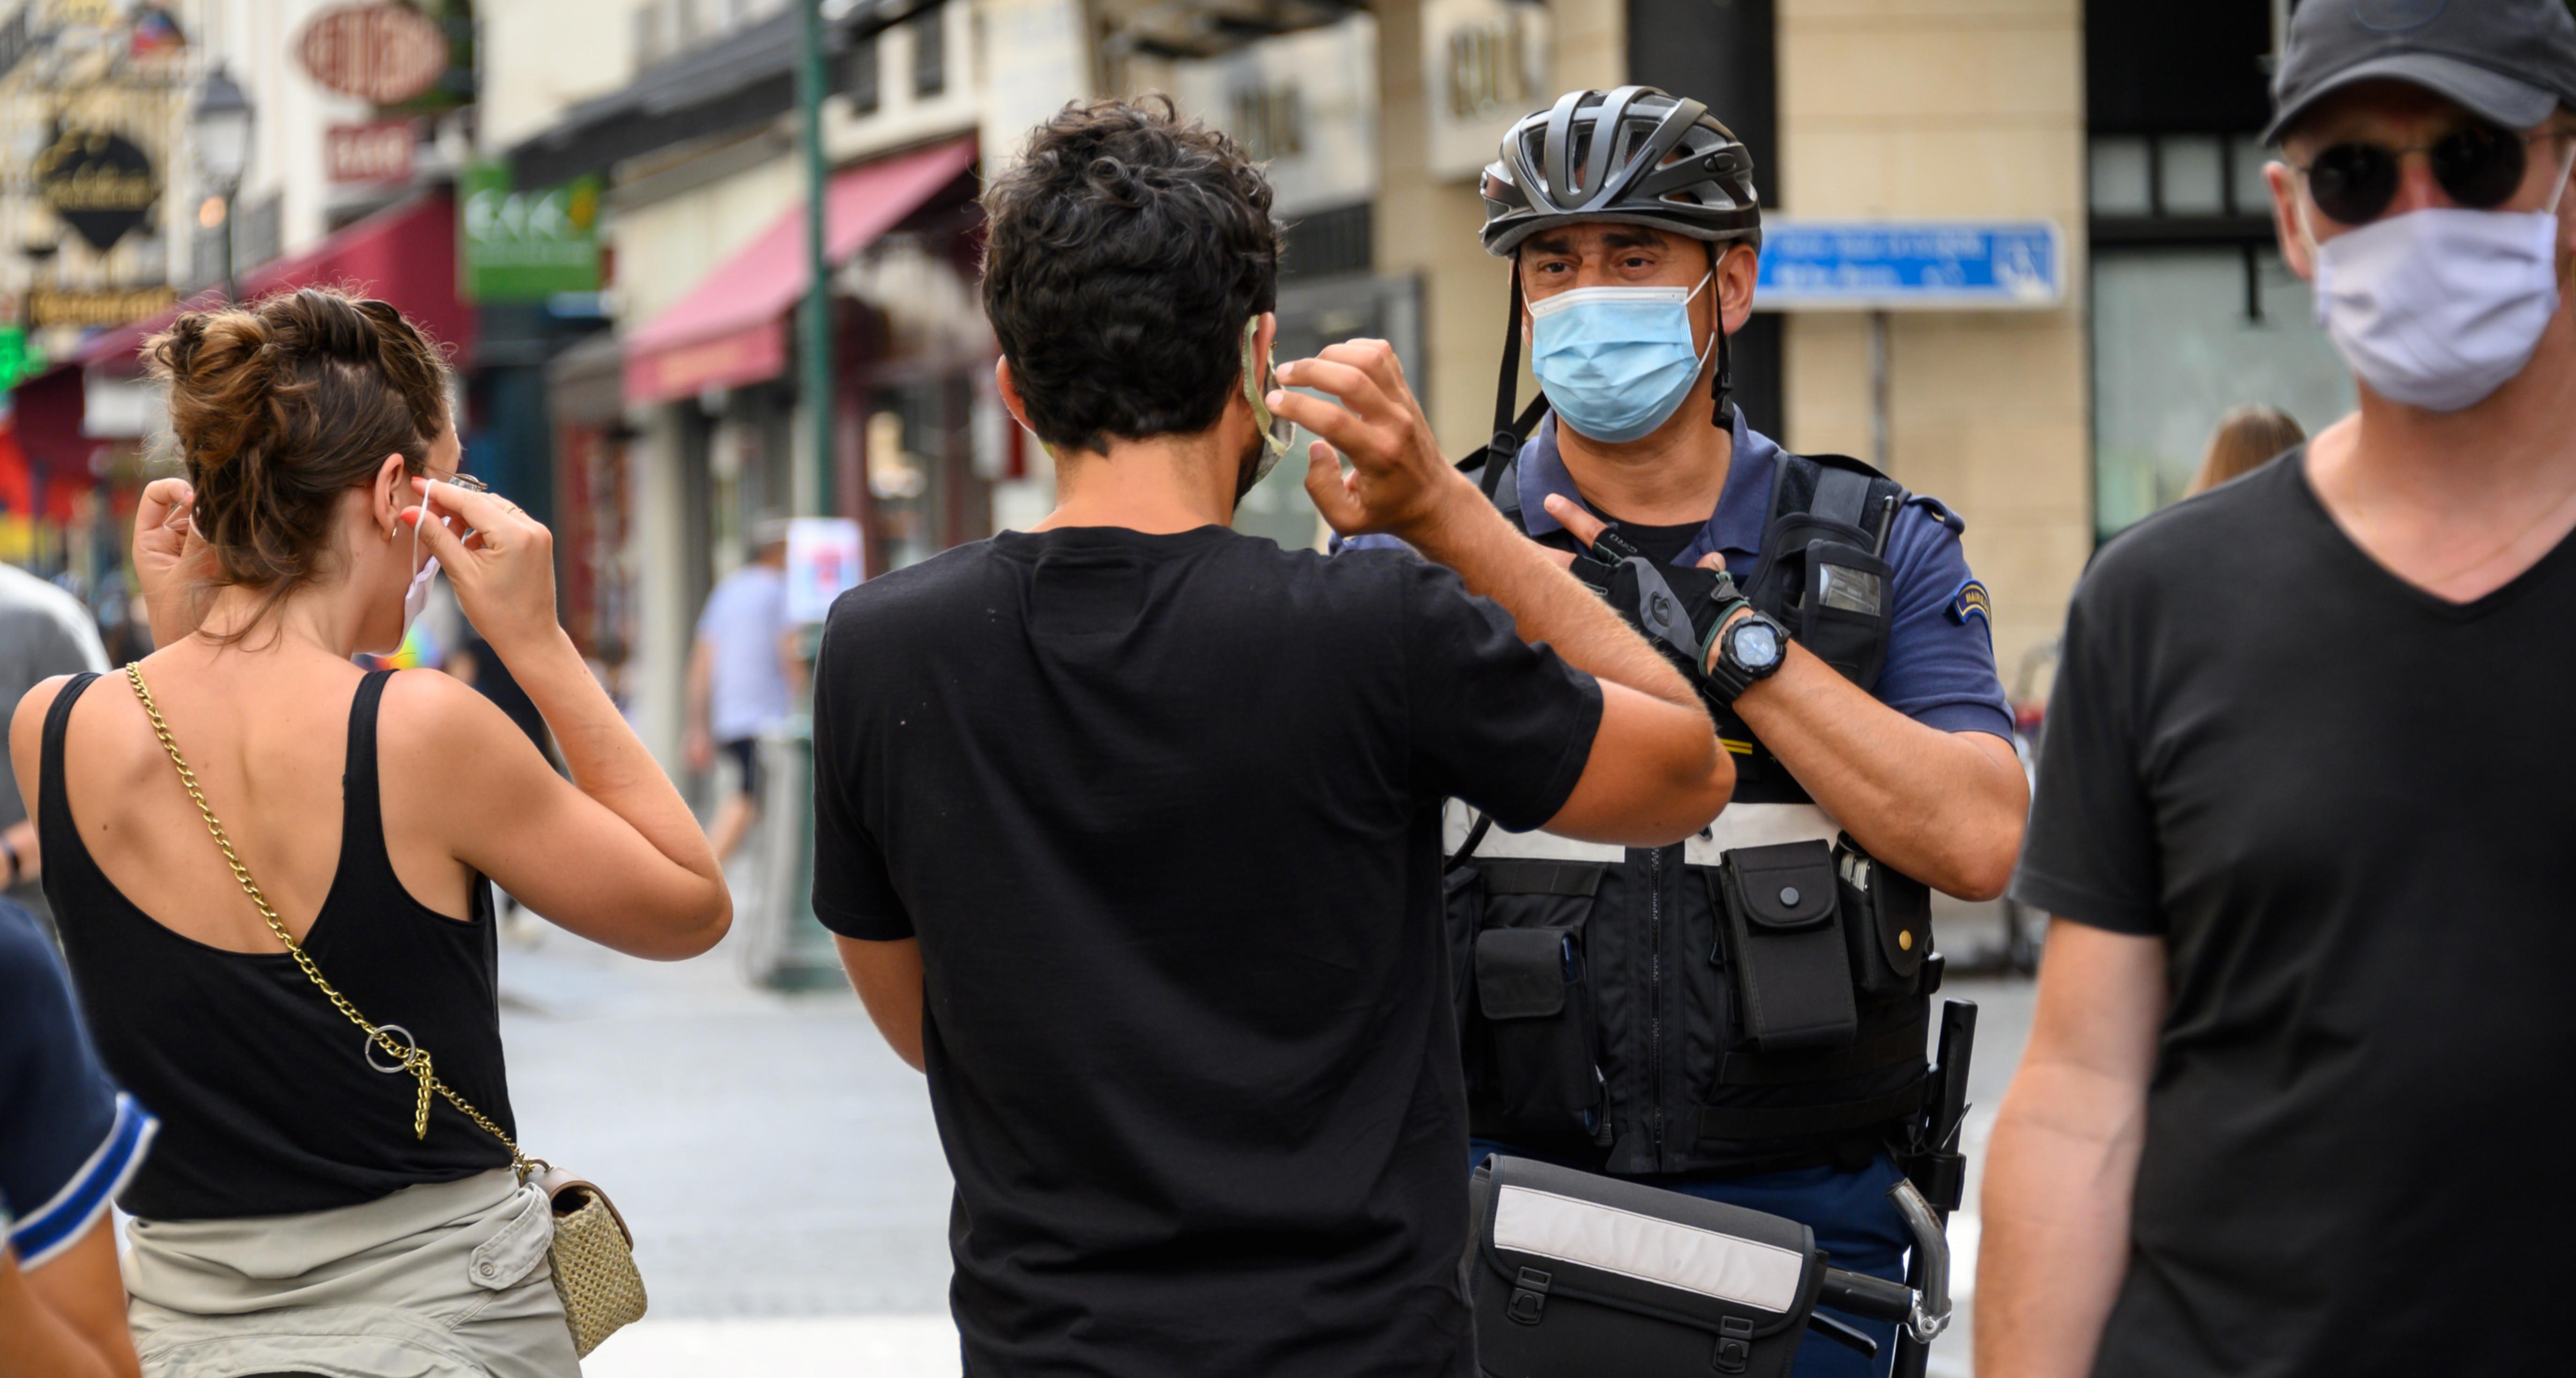 Élargissement du port du masque : à Paris, les promeneurs s'agacent du manque d'information